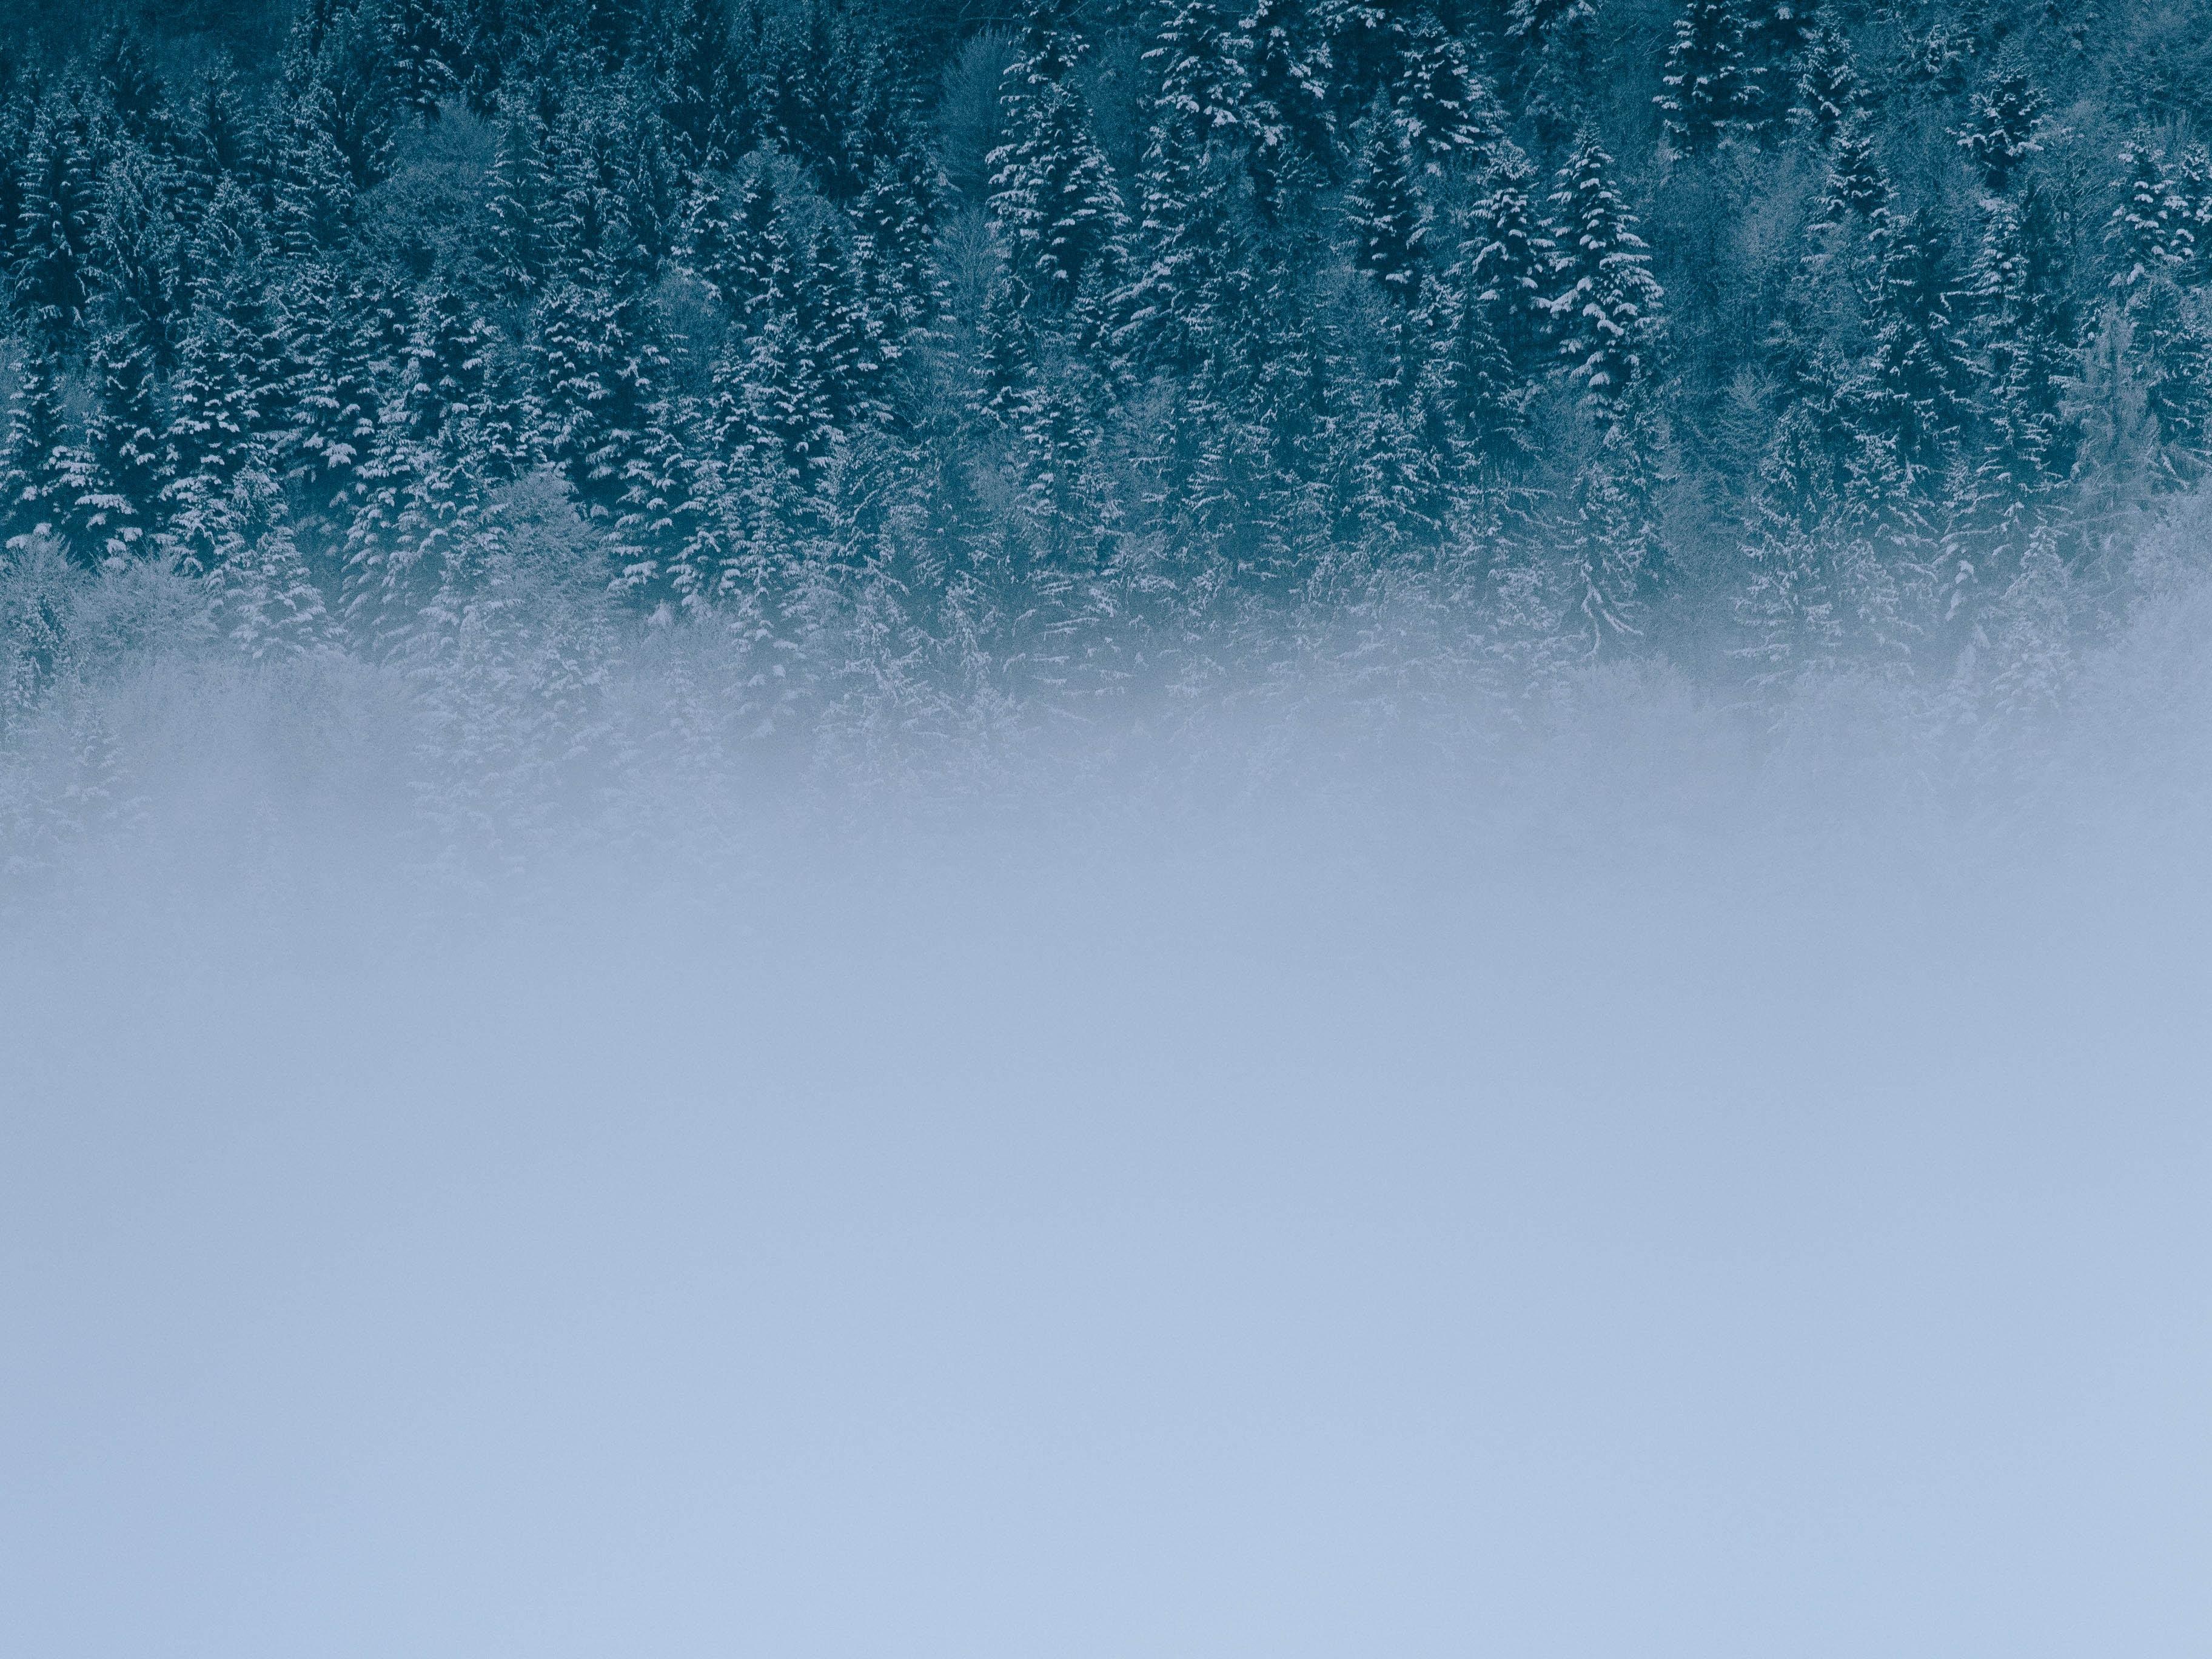 Immagini Belle Albero Acqua Inverno Cielo Onda Giorno Calma